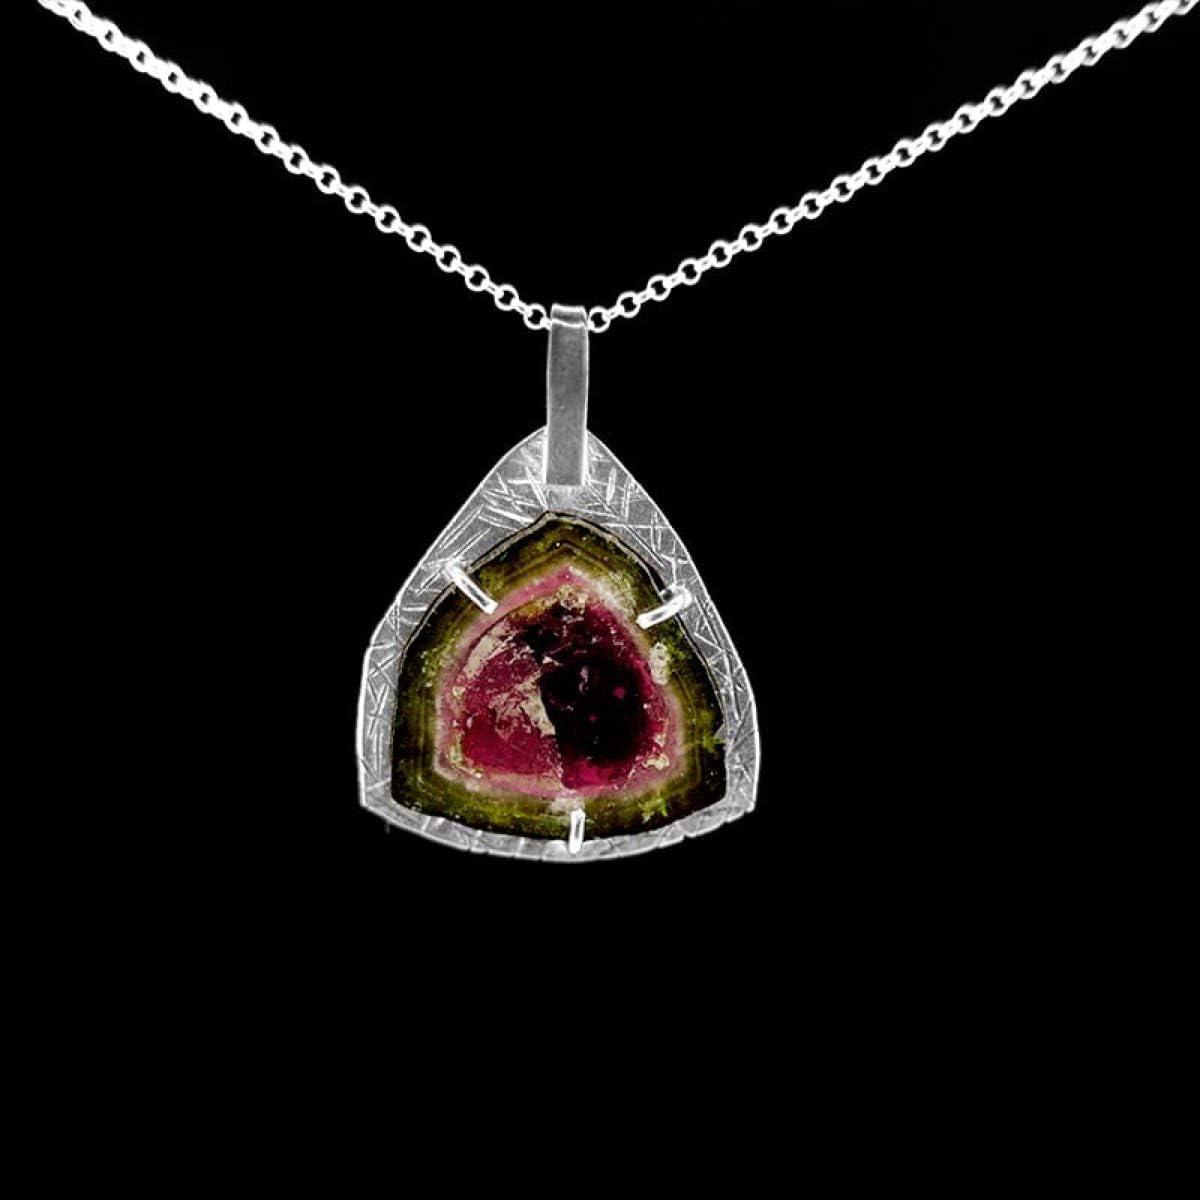 Colgante de Turmalina Sandía - Plata de Ley (B7) Minerales y Cristales, Belleza Energética, Meditacion, Amuletos Espirituales